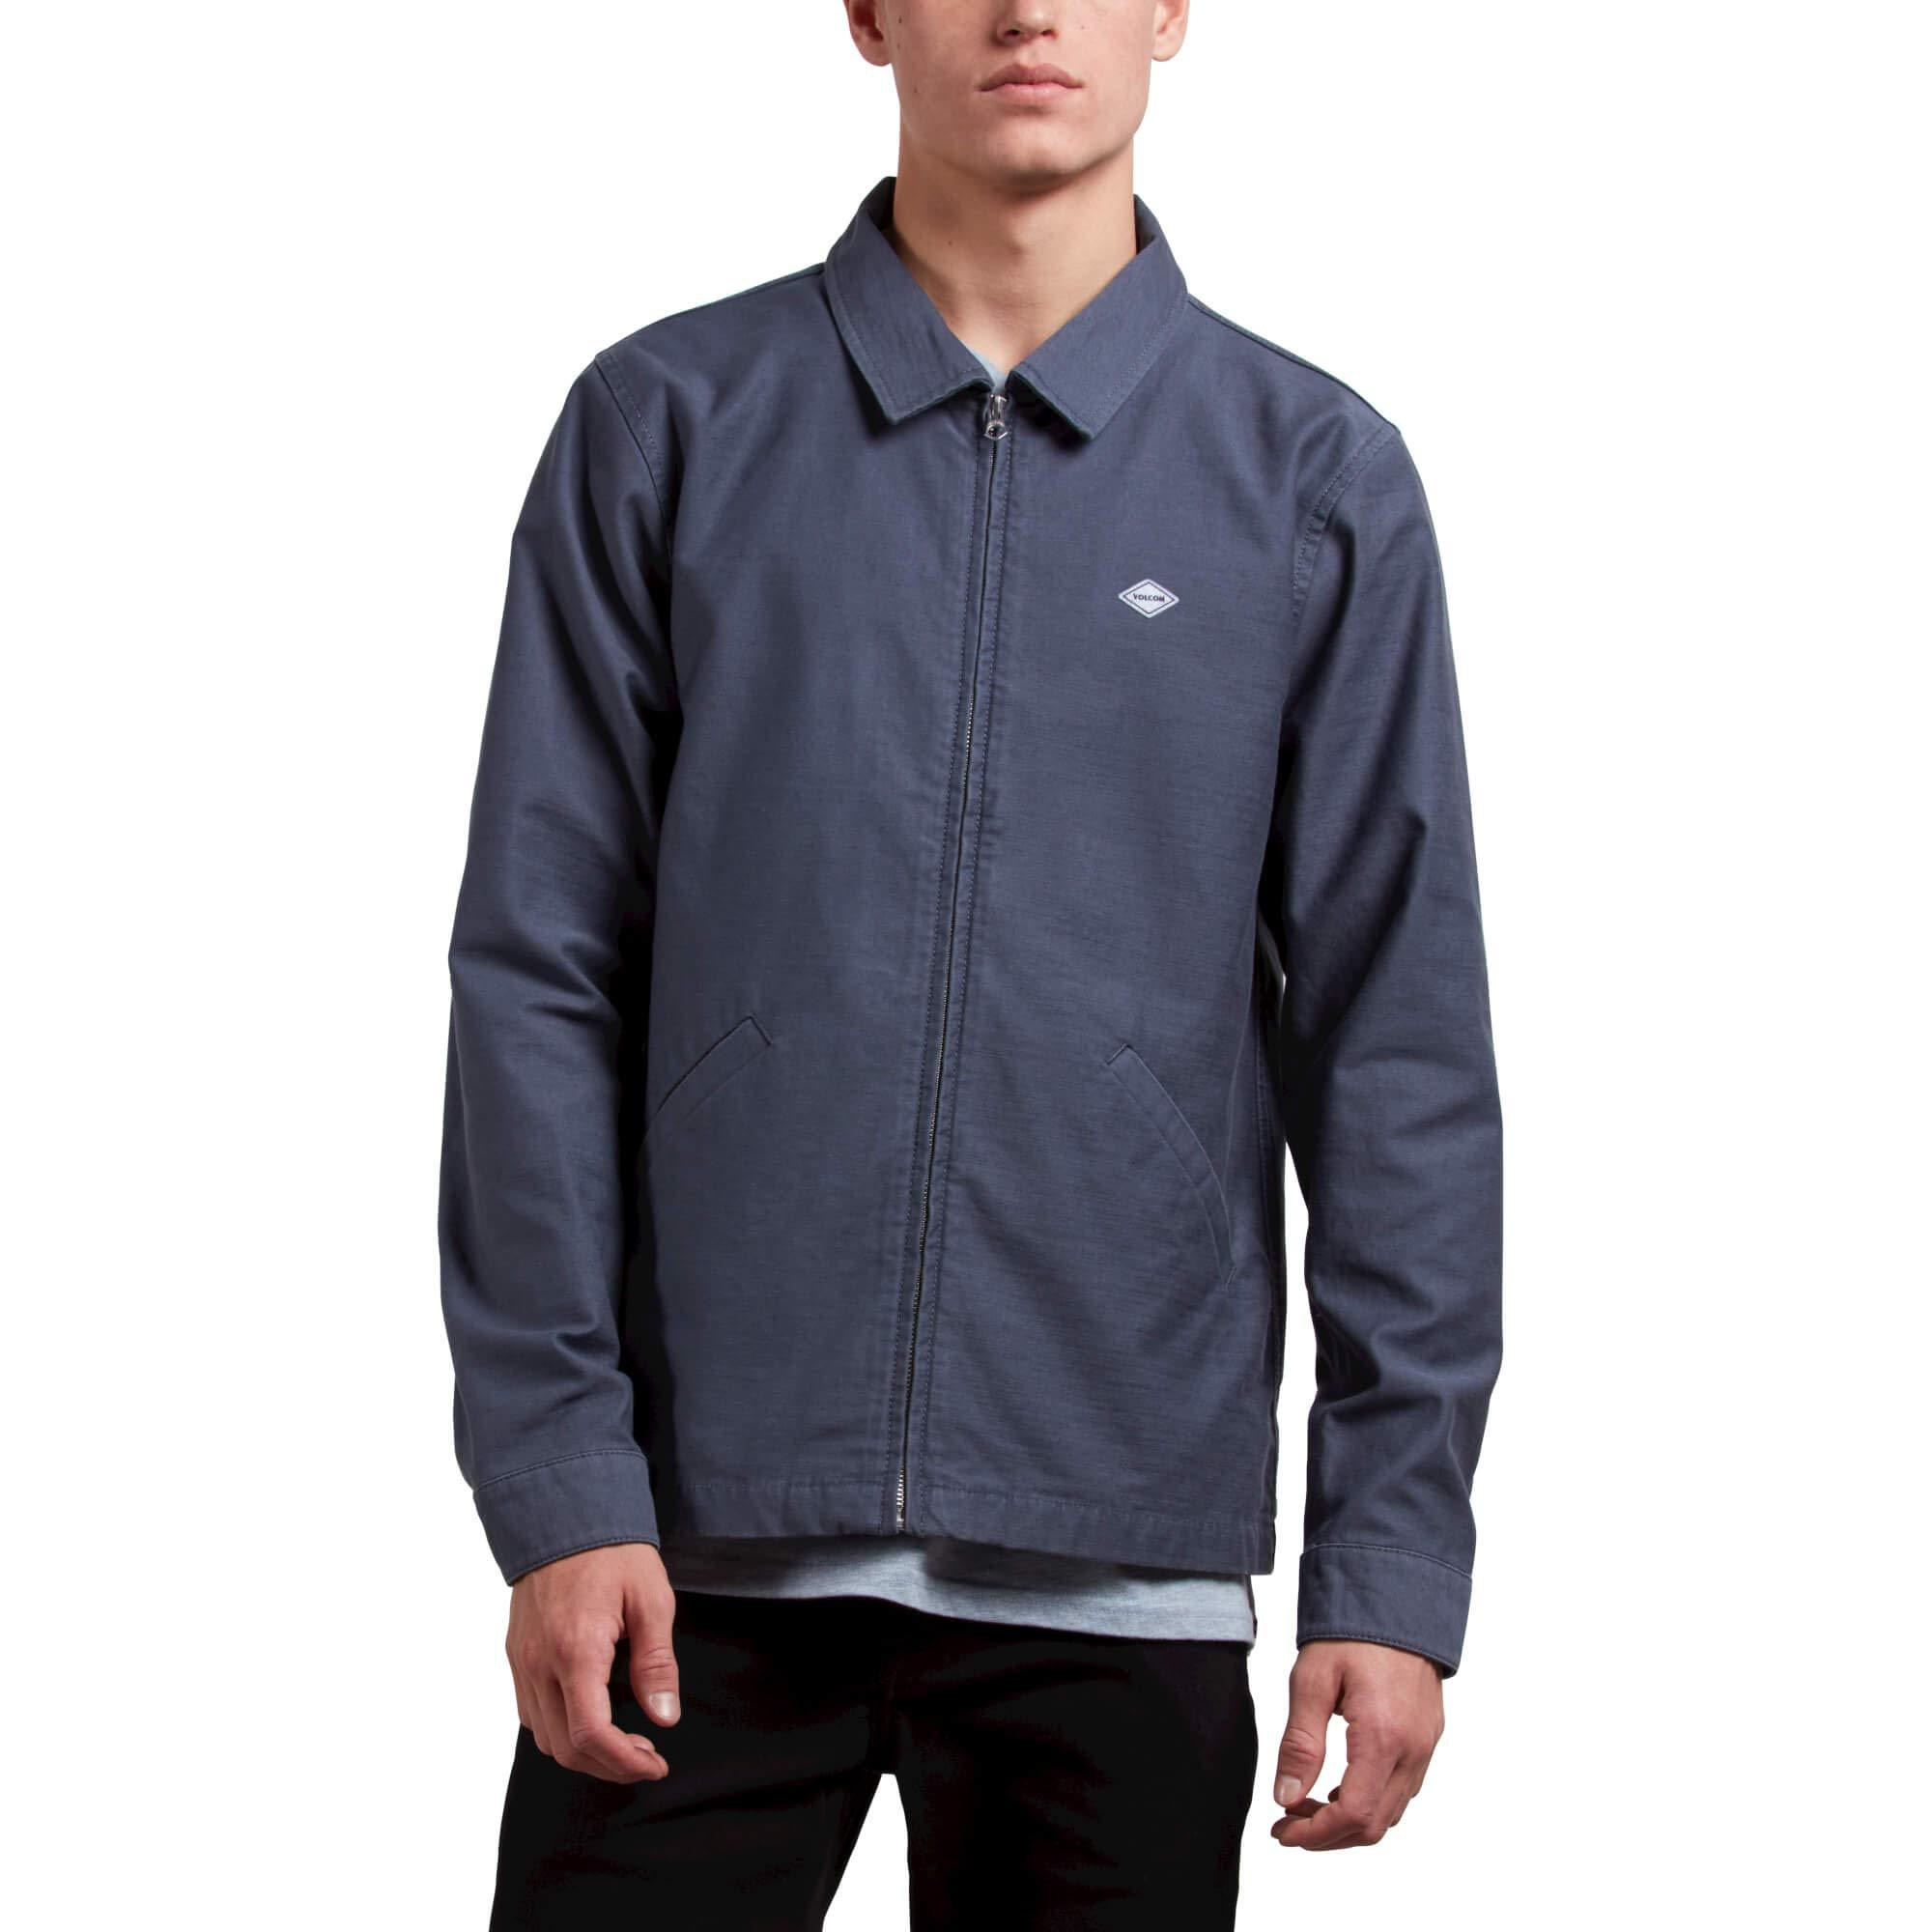 Volcom Men's Burkey Lightweight Garage Workwear Jacket, Midnight Blue, Large